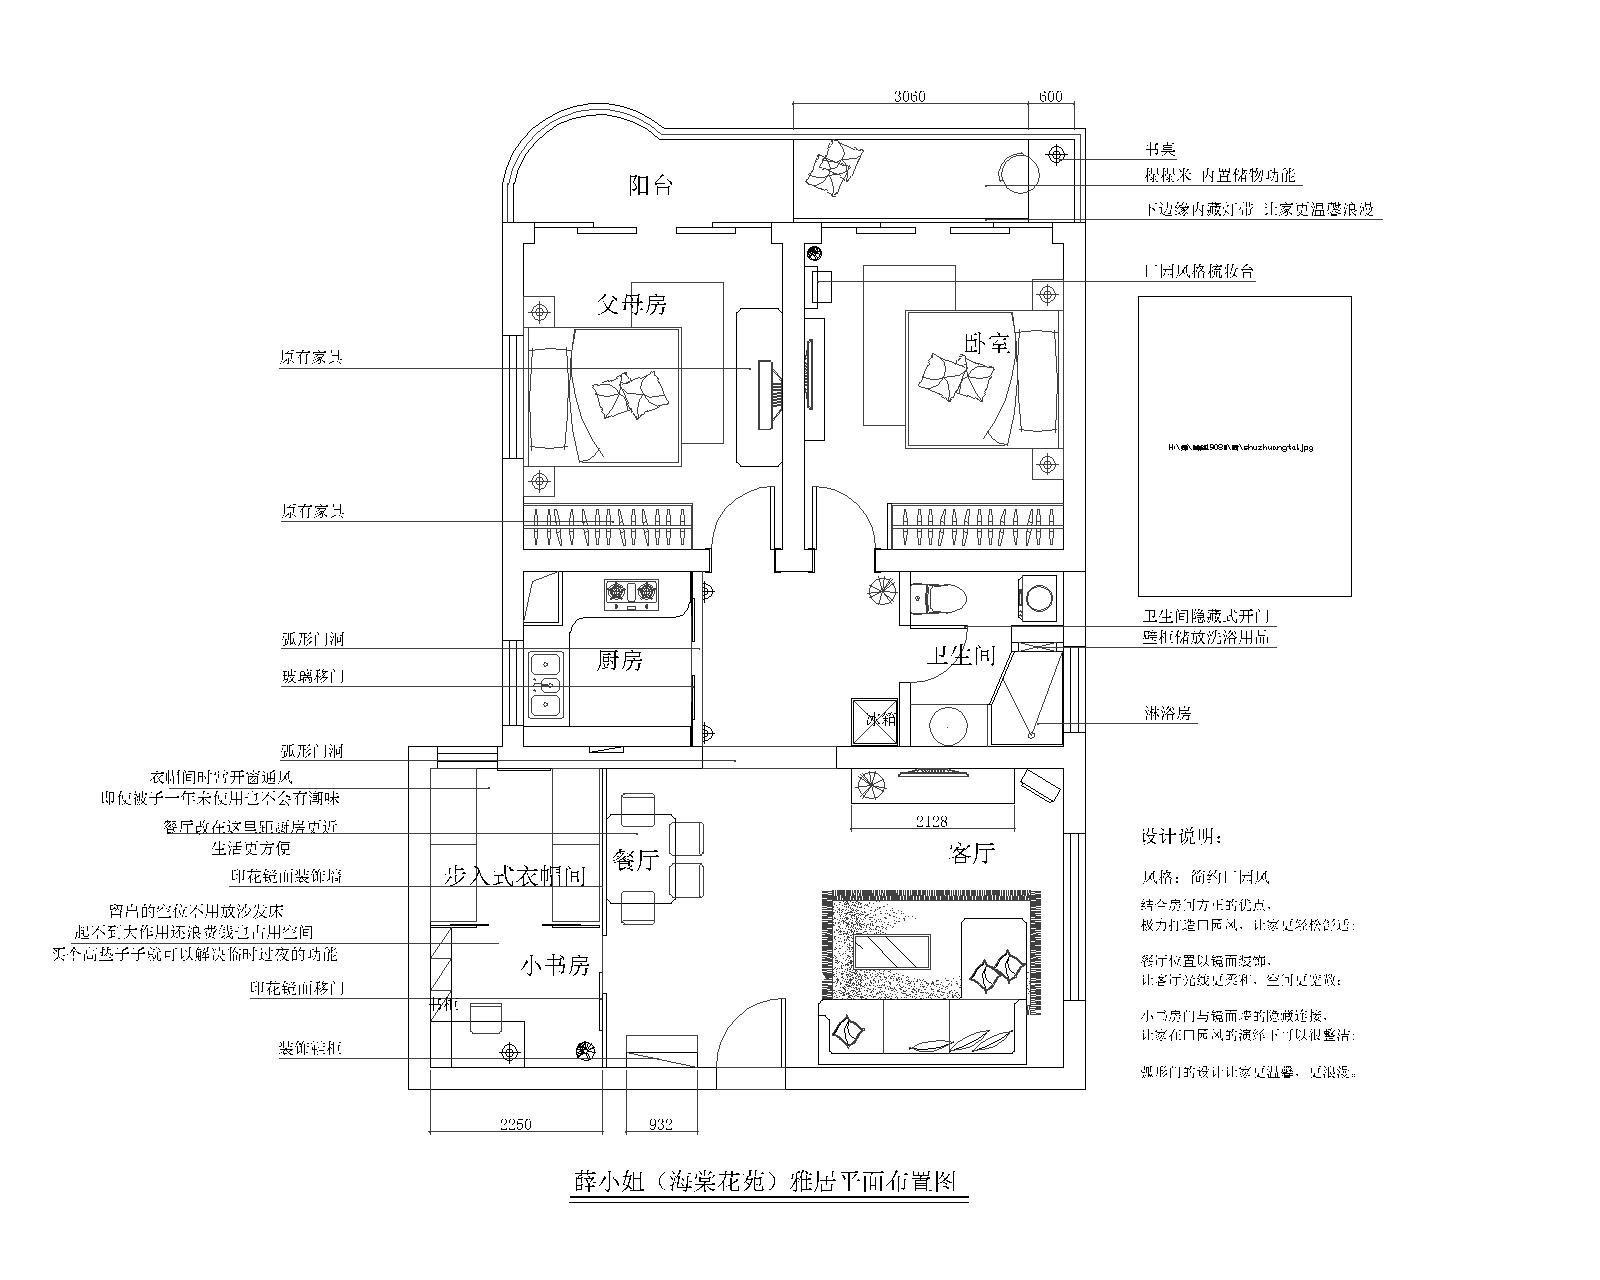 马桶和柜子分开设计图